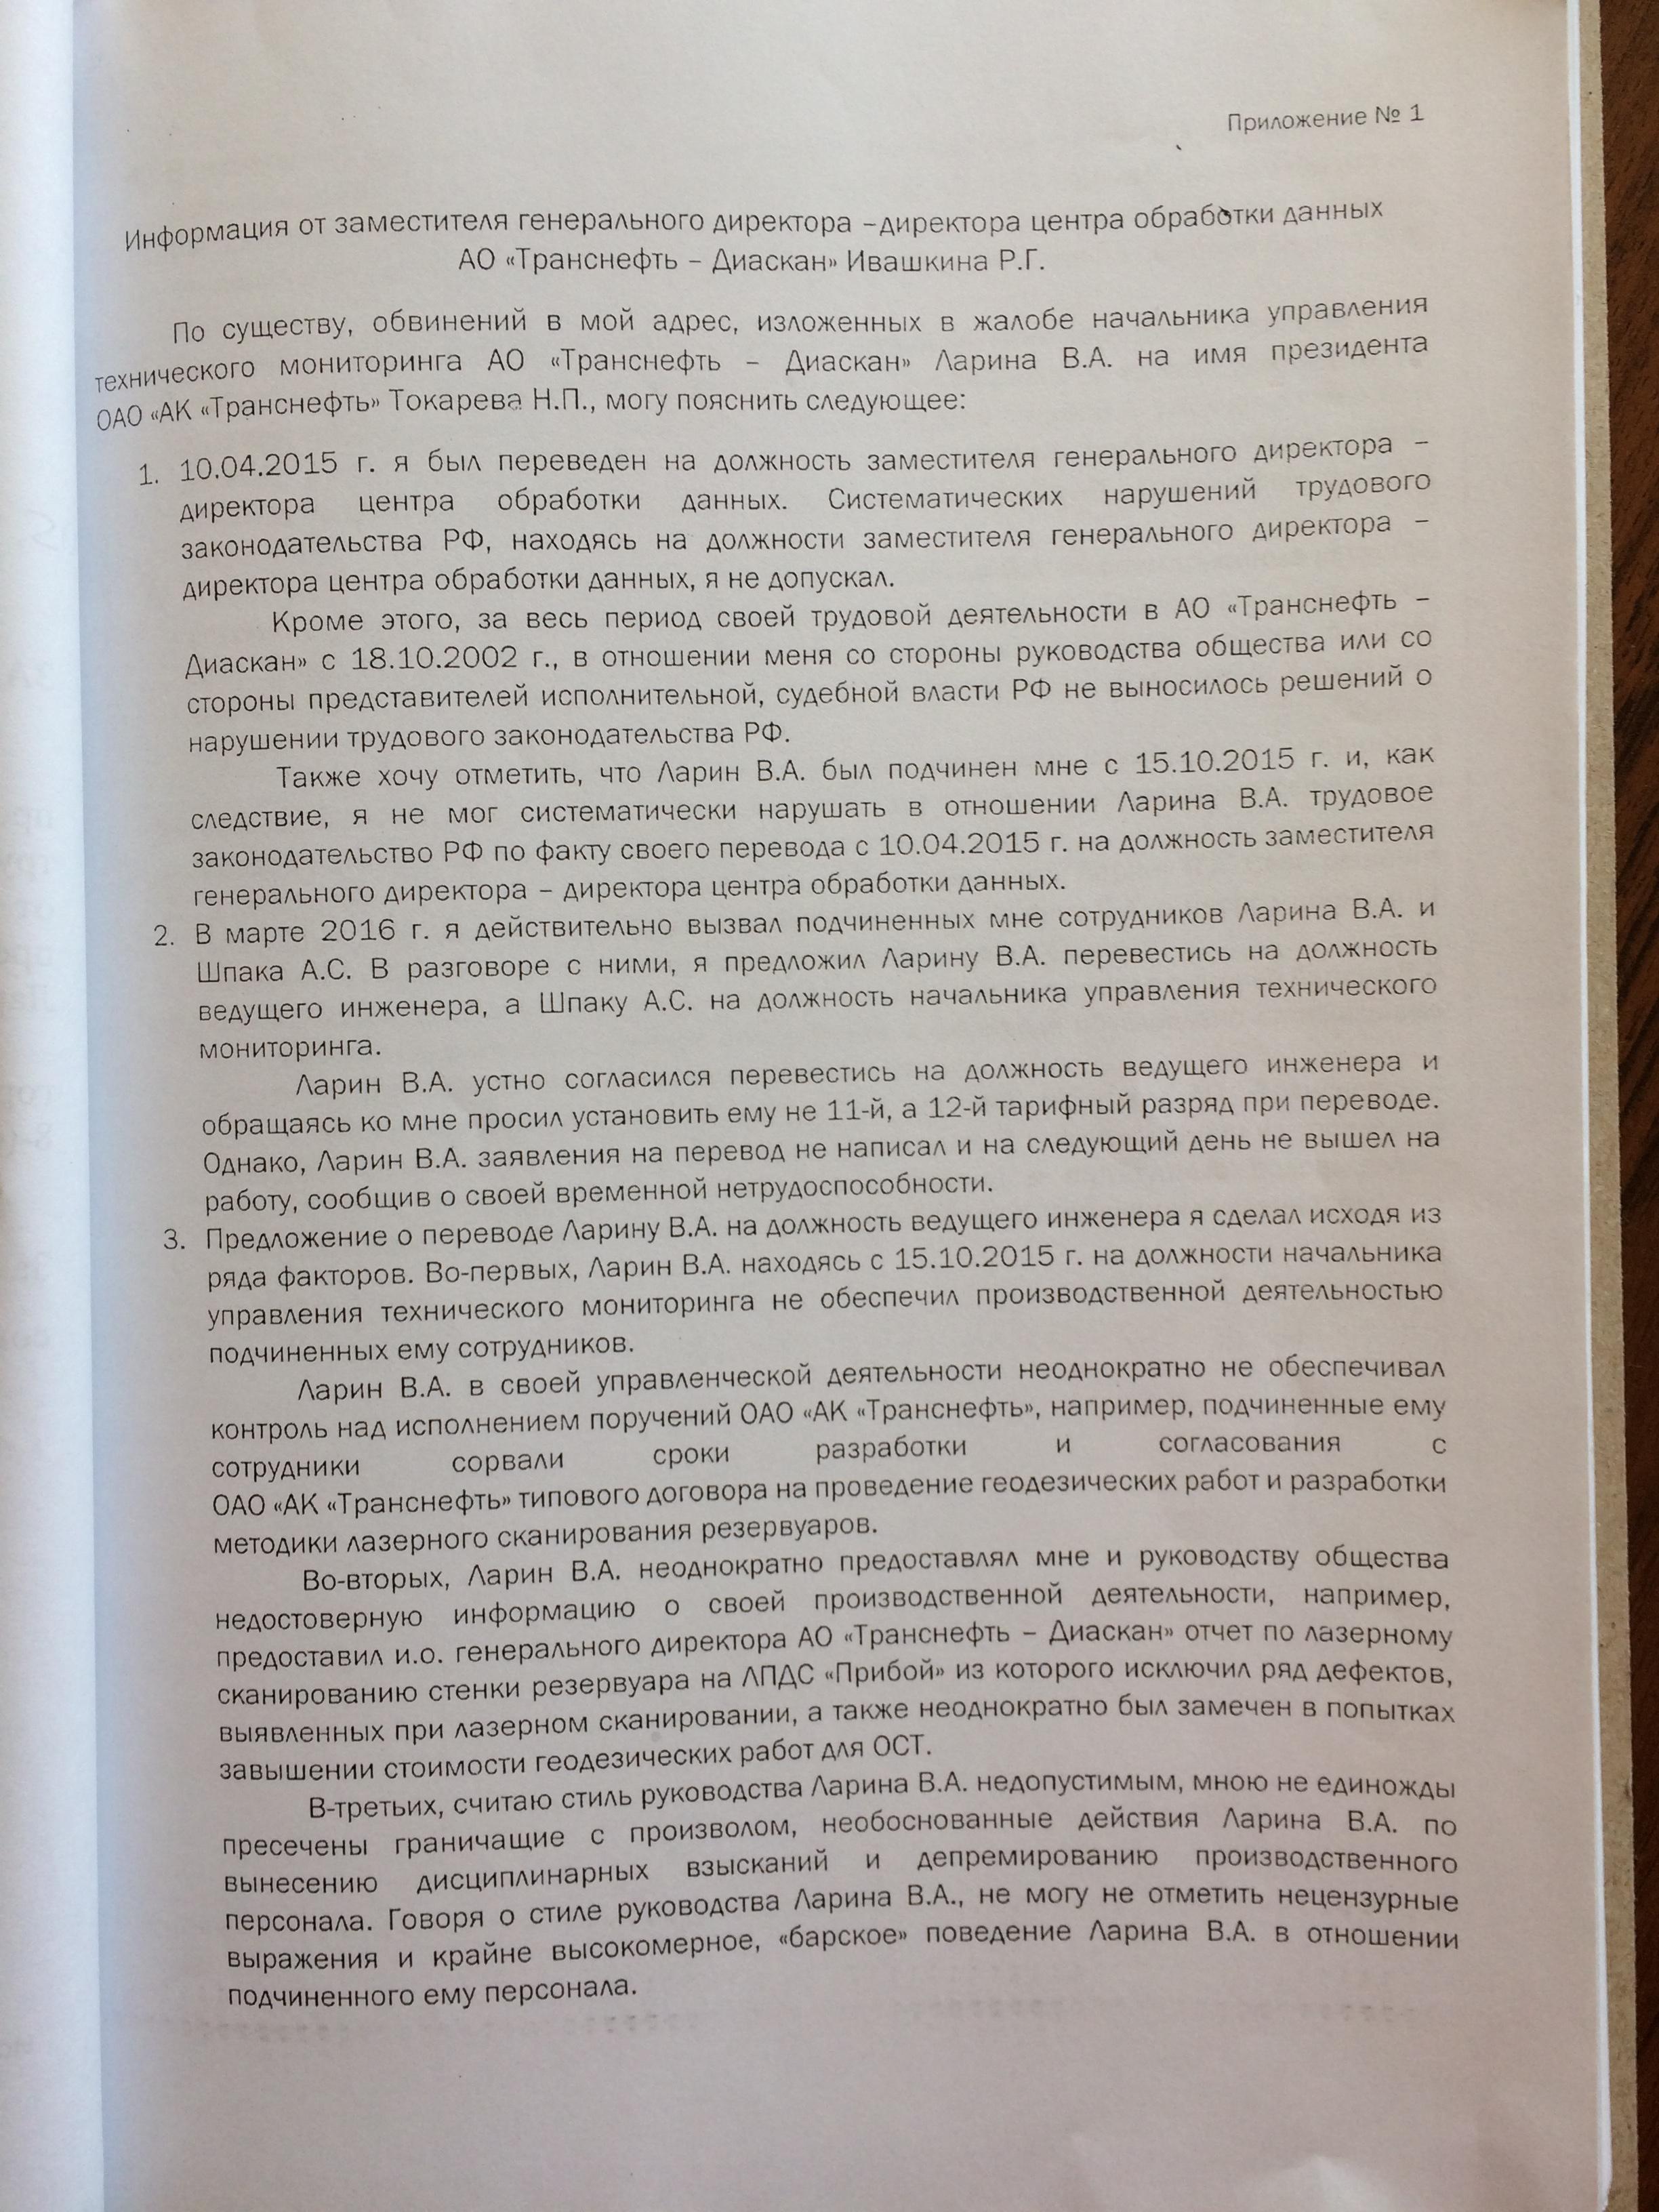 Фото документов проверки Луховицкой городской прокуратурой - 24 (5)